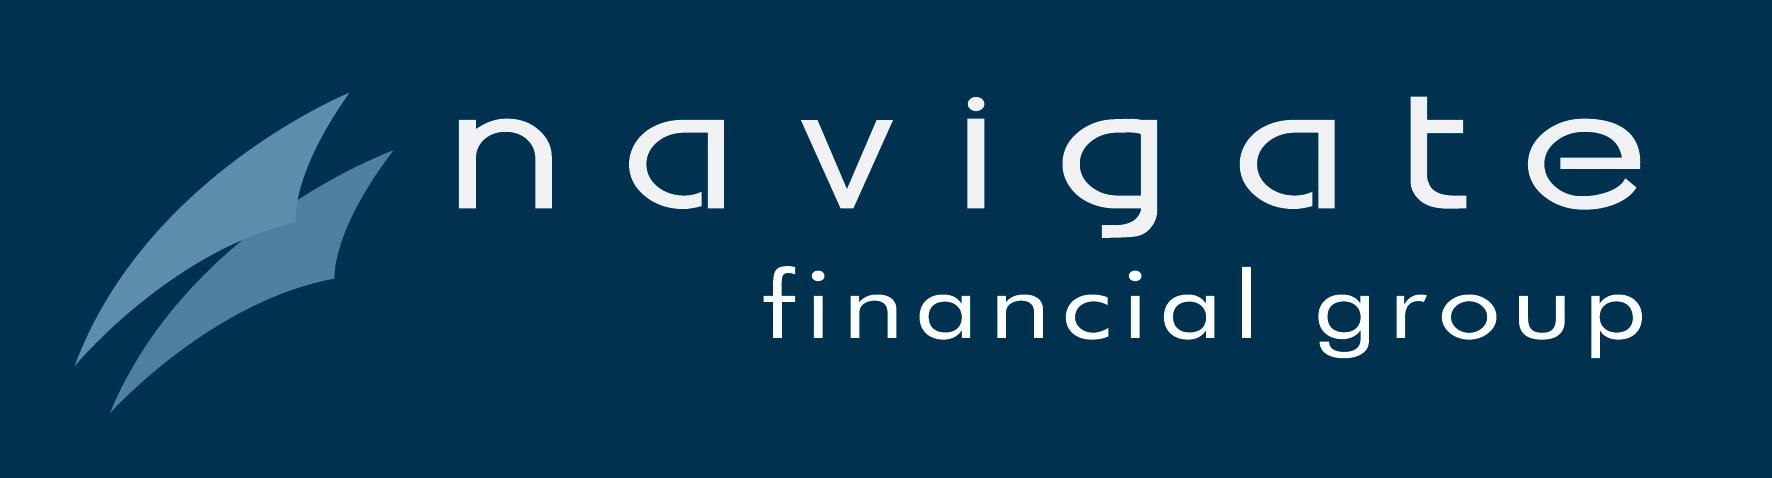 www.navigatefinancial.com.au